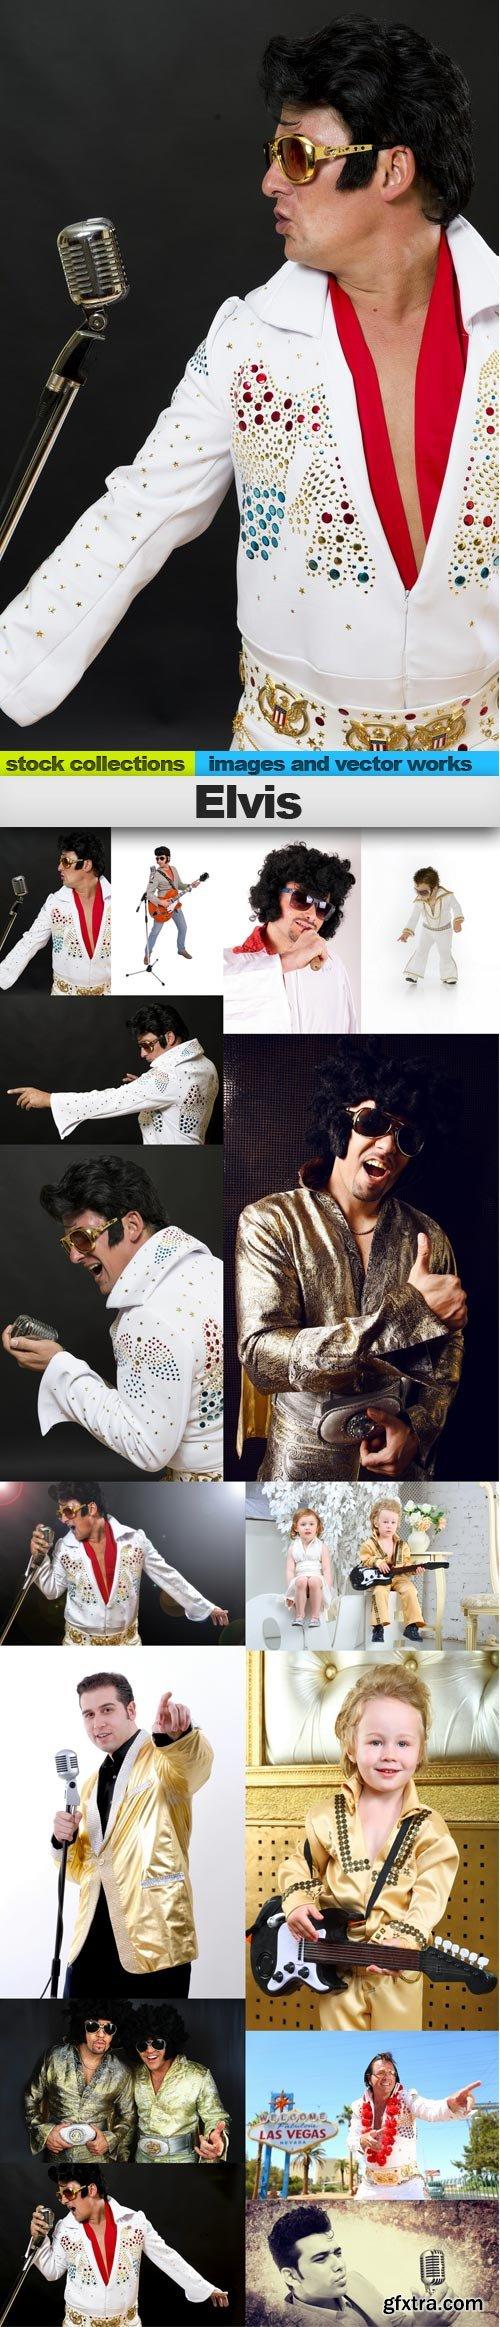 Elvis, 15 x UHQ JPEG